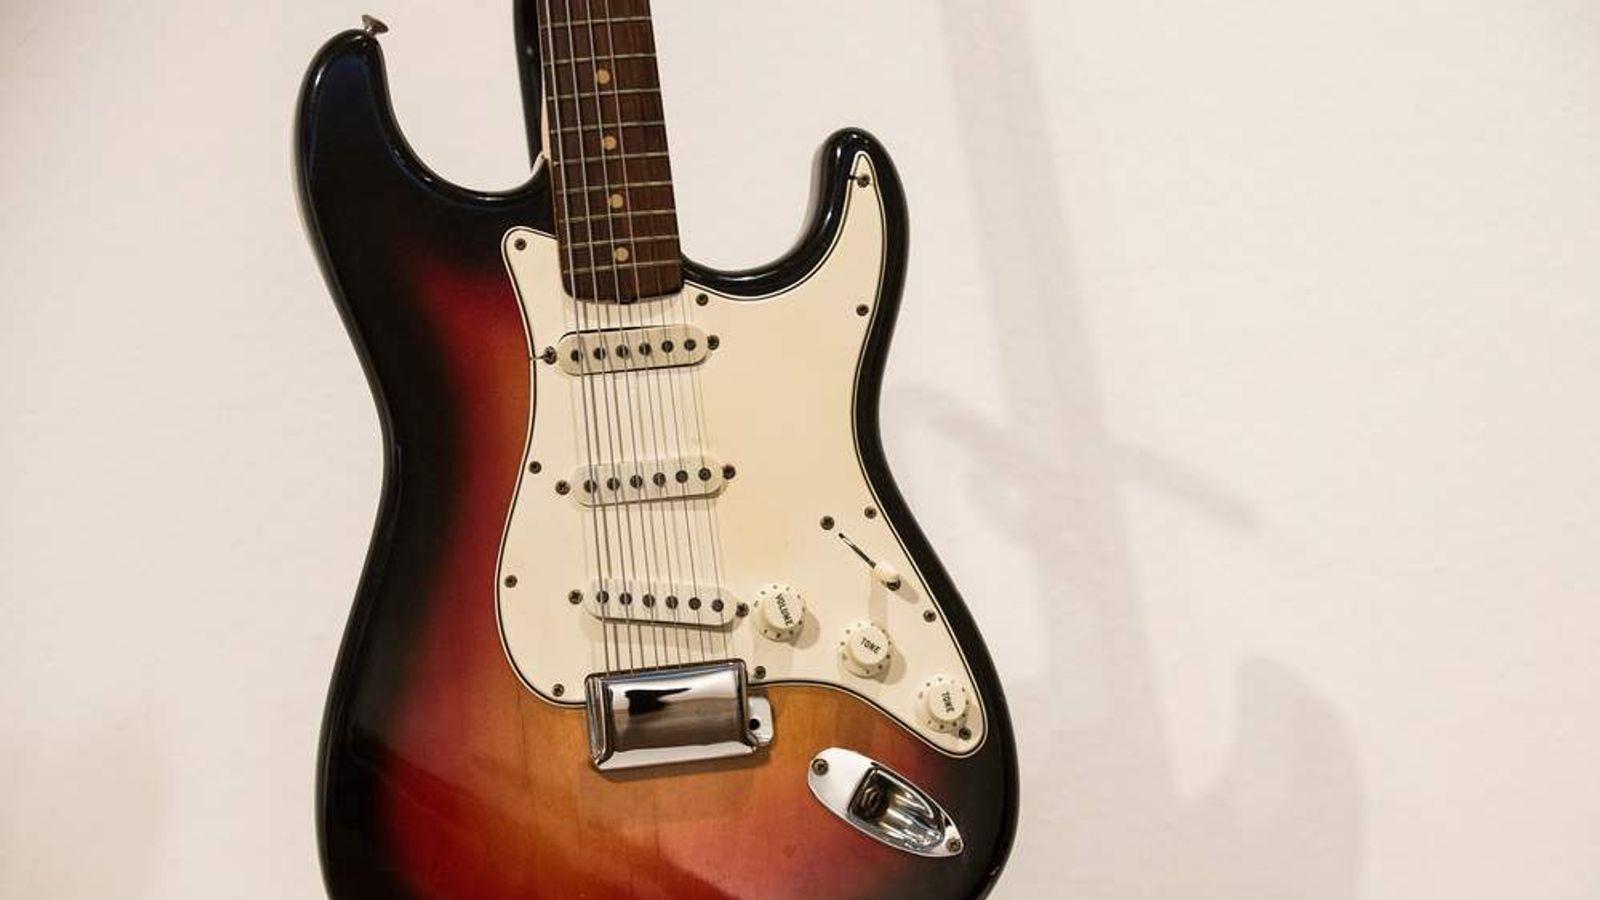 Identify fender guitar by key generator